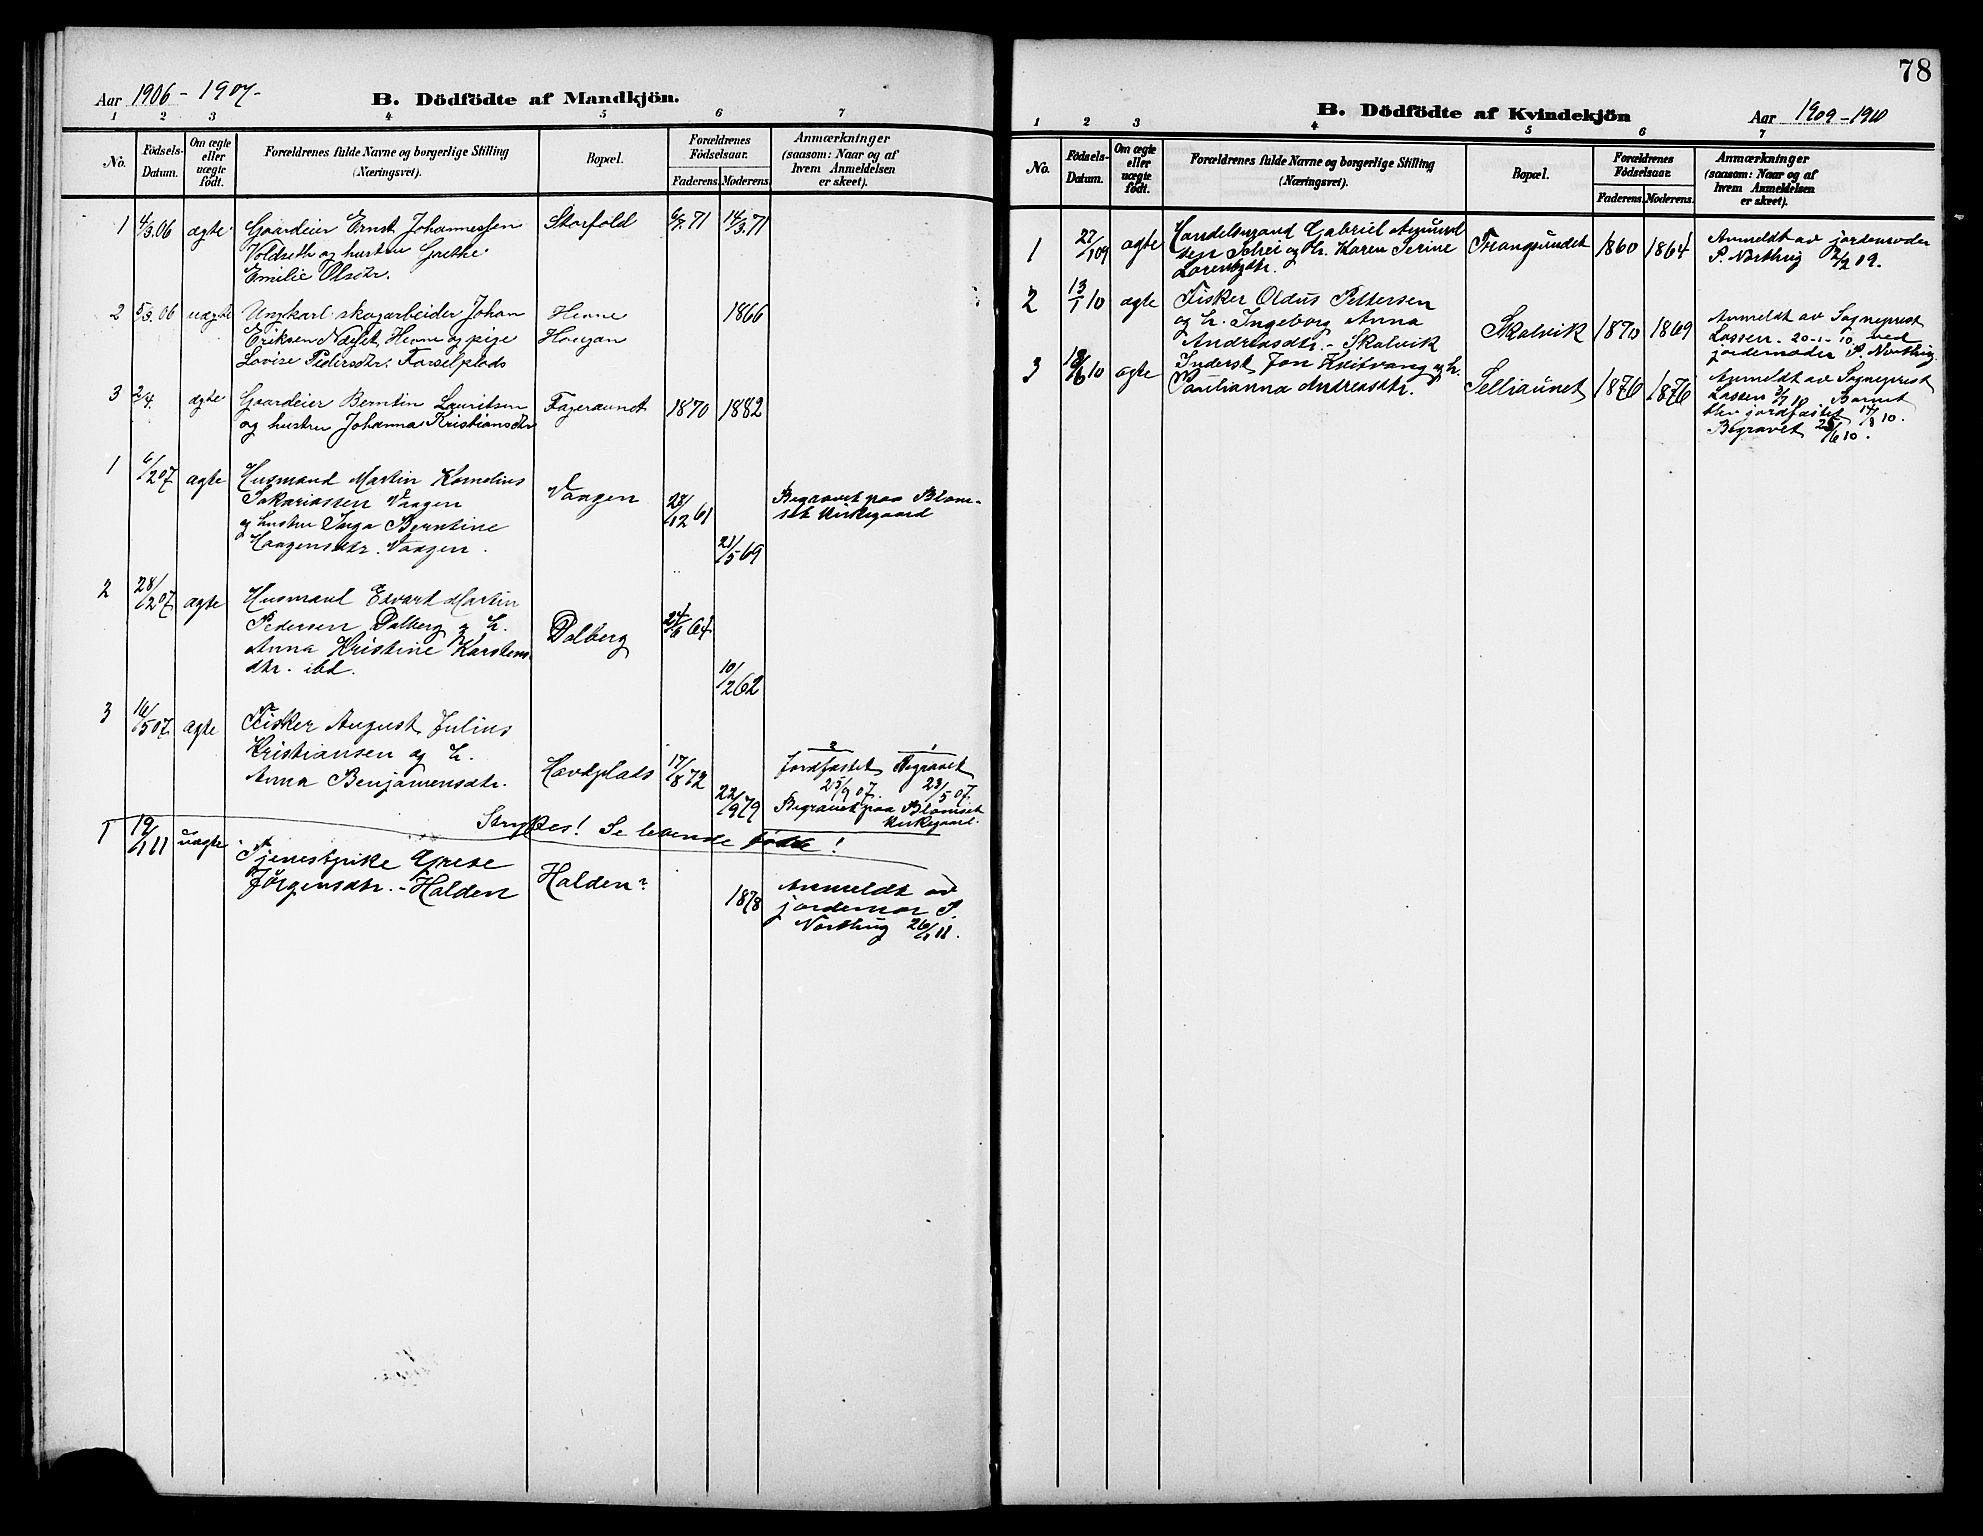 SAT, Ministerialprotokoller, klokkerbøker og fødselsregistre - Nord-Trøndelag, 744/L0424: Klokkerbok nr. 744C03, 1906-1923, s. 78